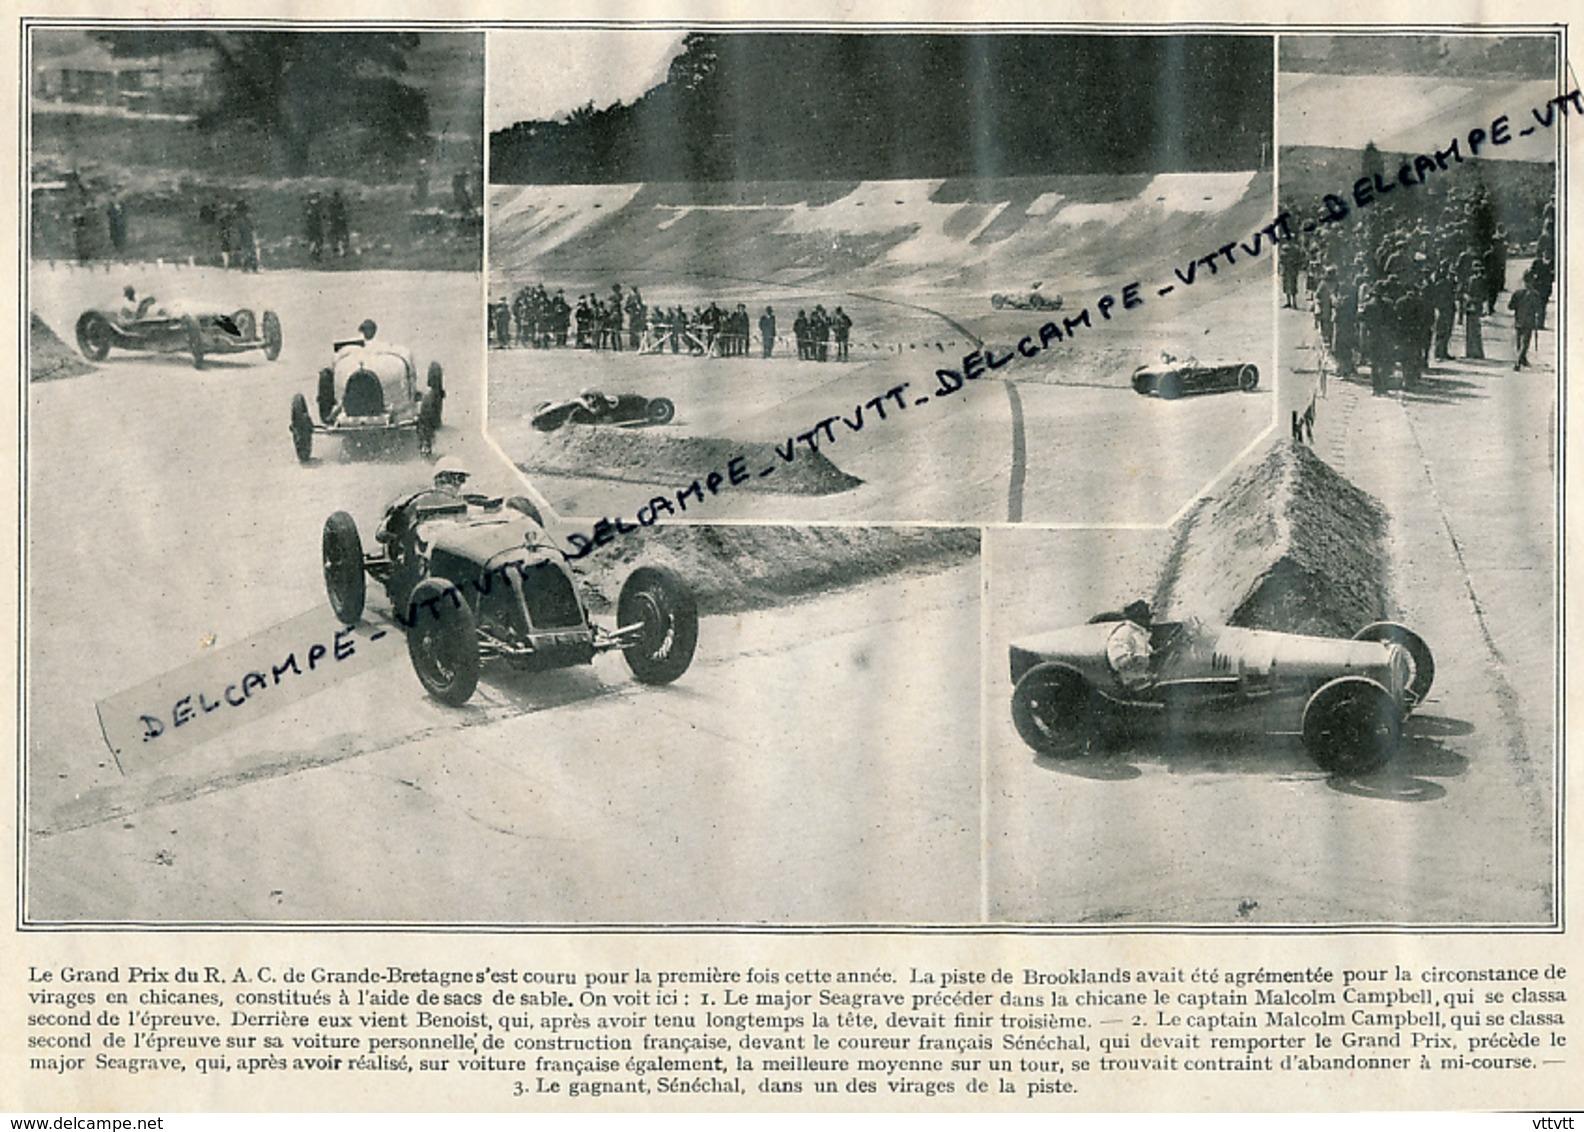 1926 : BROOKLANDS, Grand Prix Du R.A.C. De Grande-Bretagne, Sénéchal Le Vainqueur, Malcom Campbell, Benoist, Seagrave - Automobile - F1